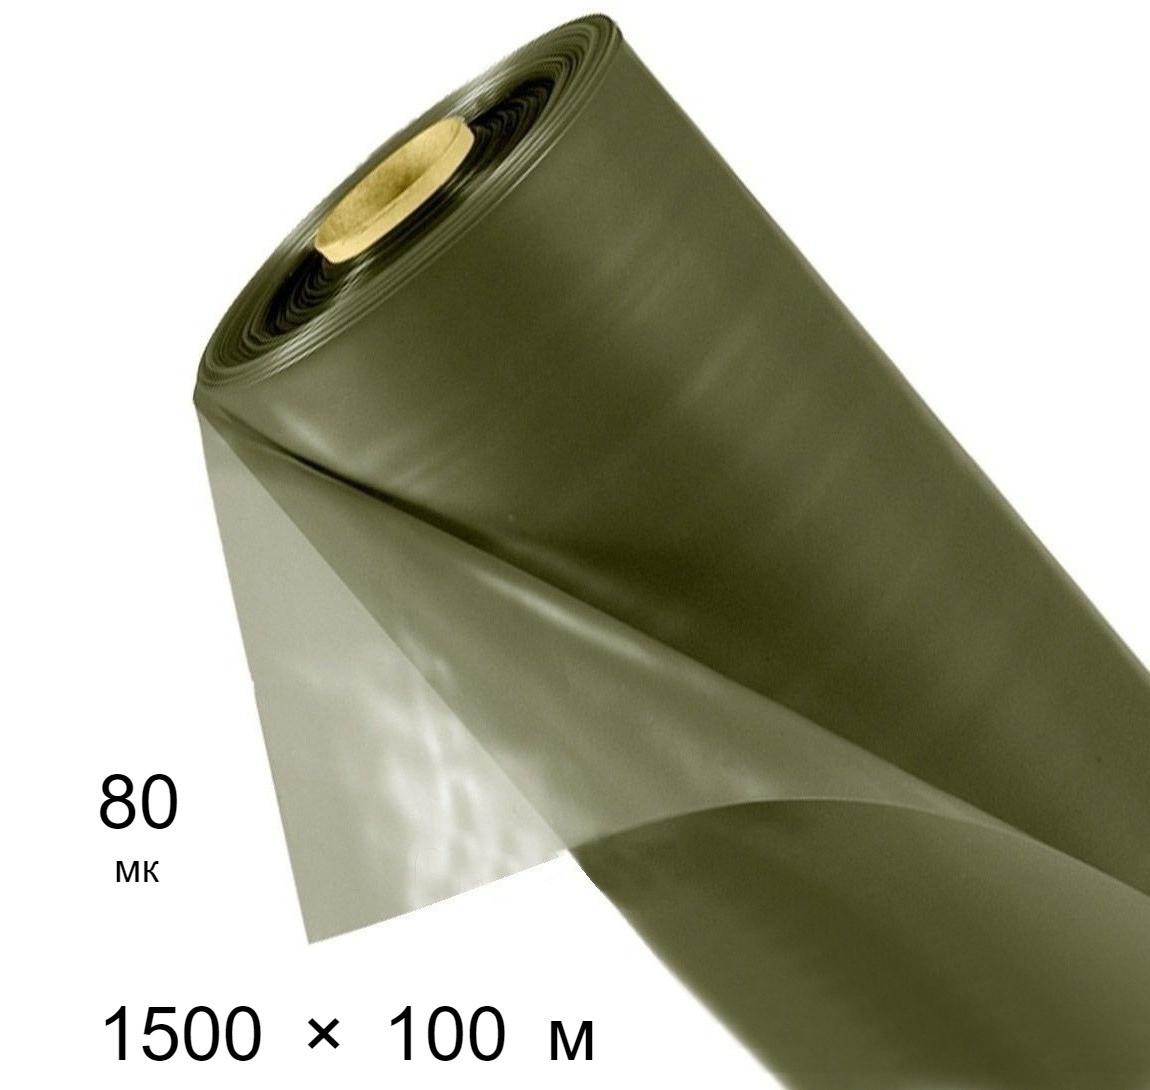 Пленка строительная 80 мкм - 1500 мм × 100 м